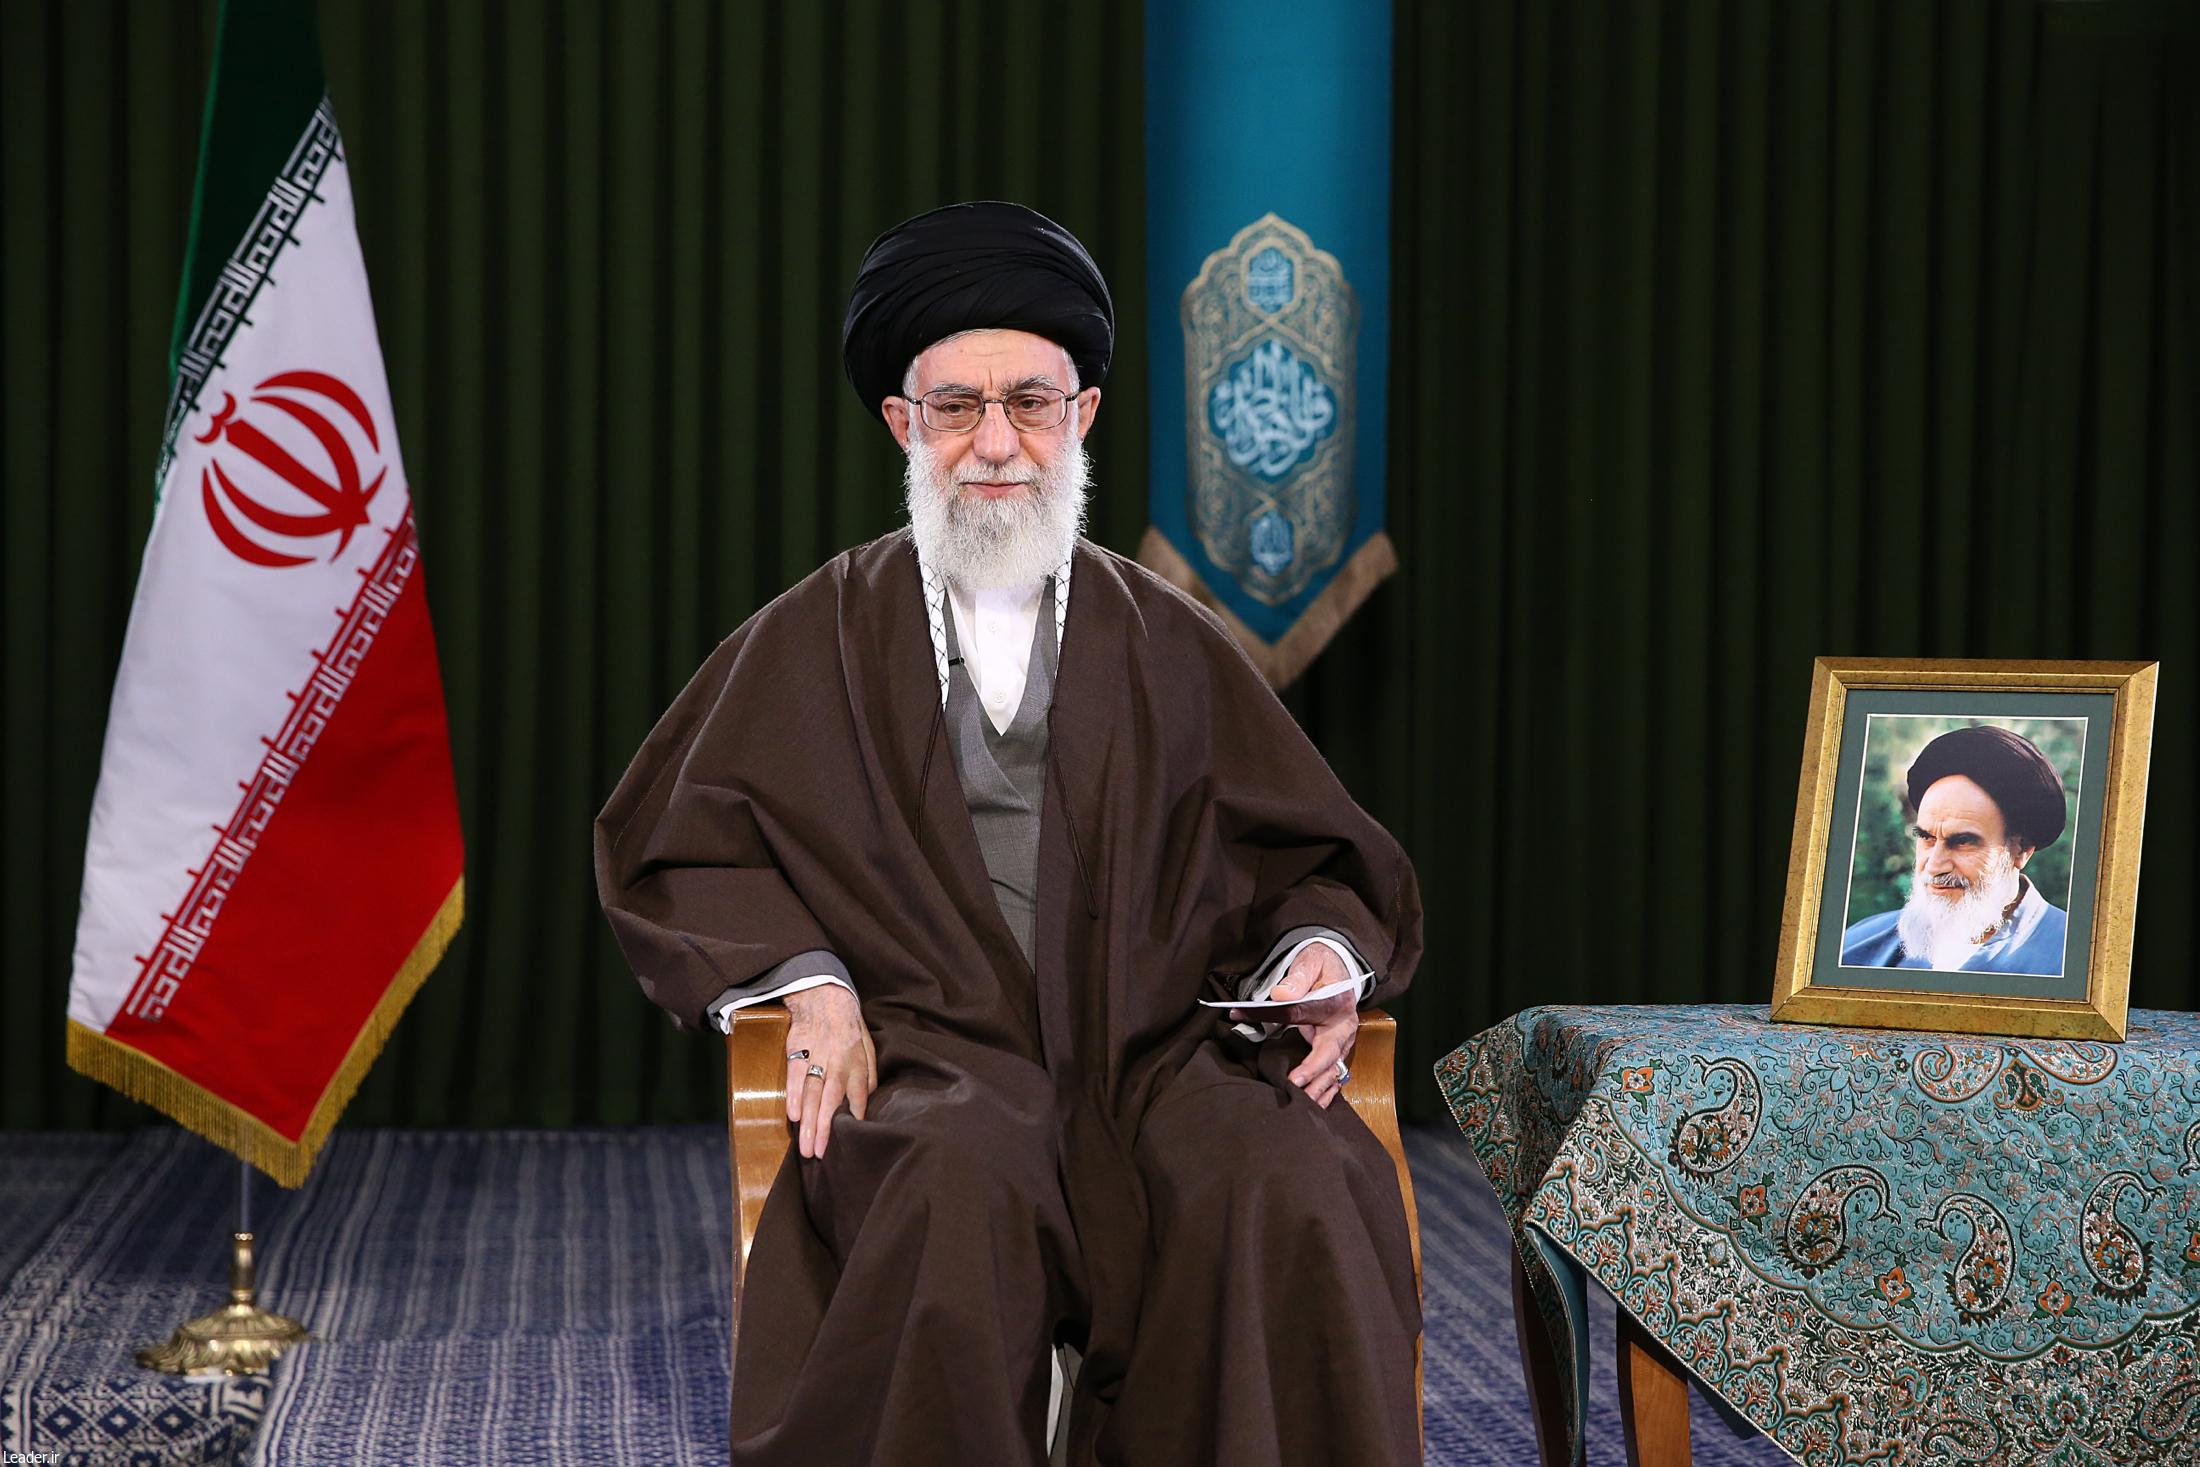 بازخوانی نامگذاری سالها/آینده ایران به عملکرد اقتصادی ما چشم دوخته است